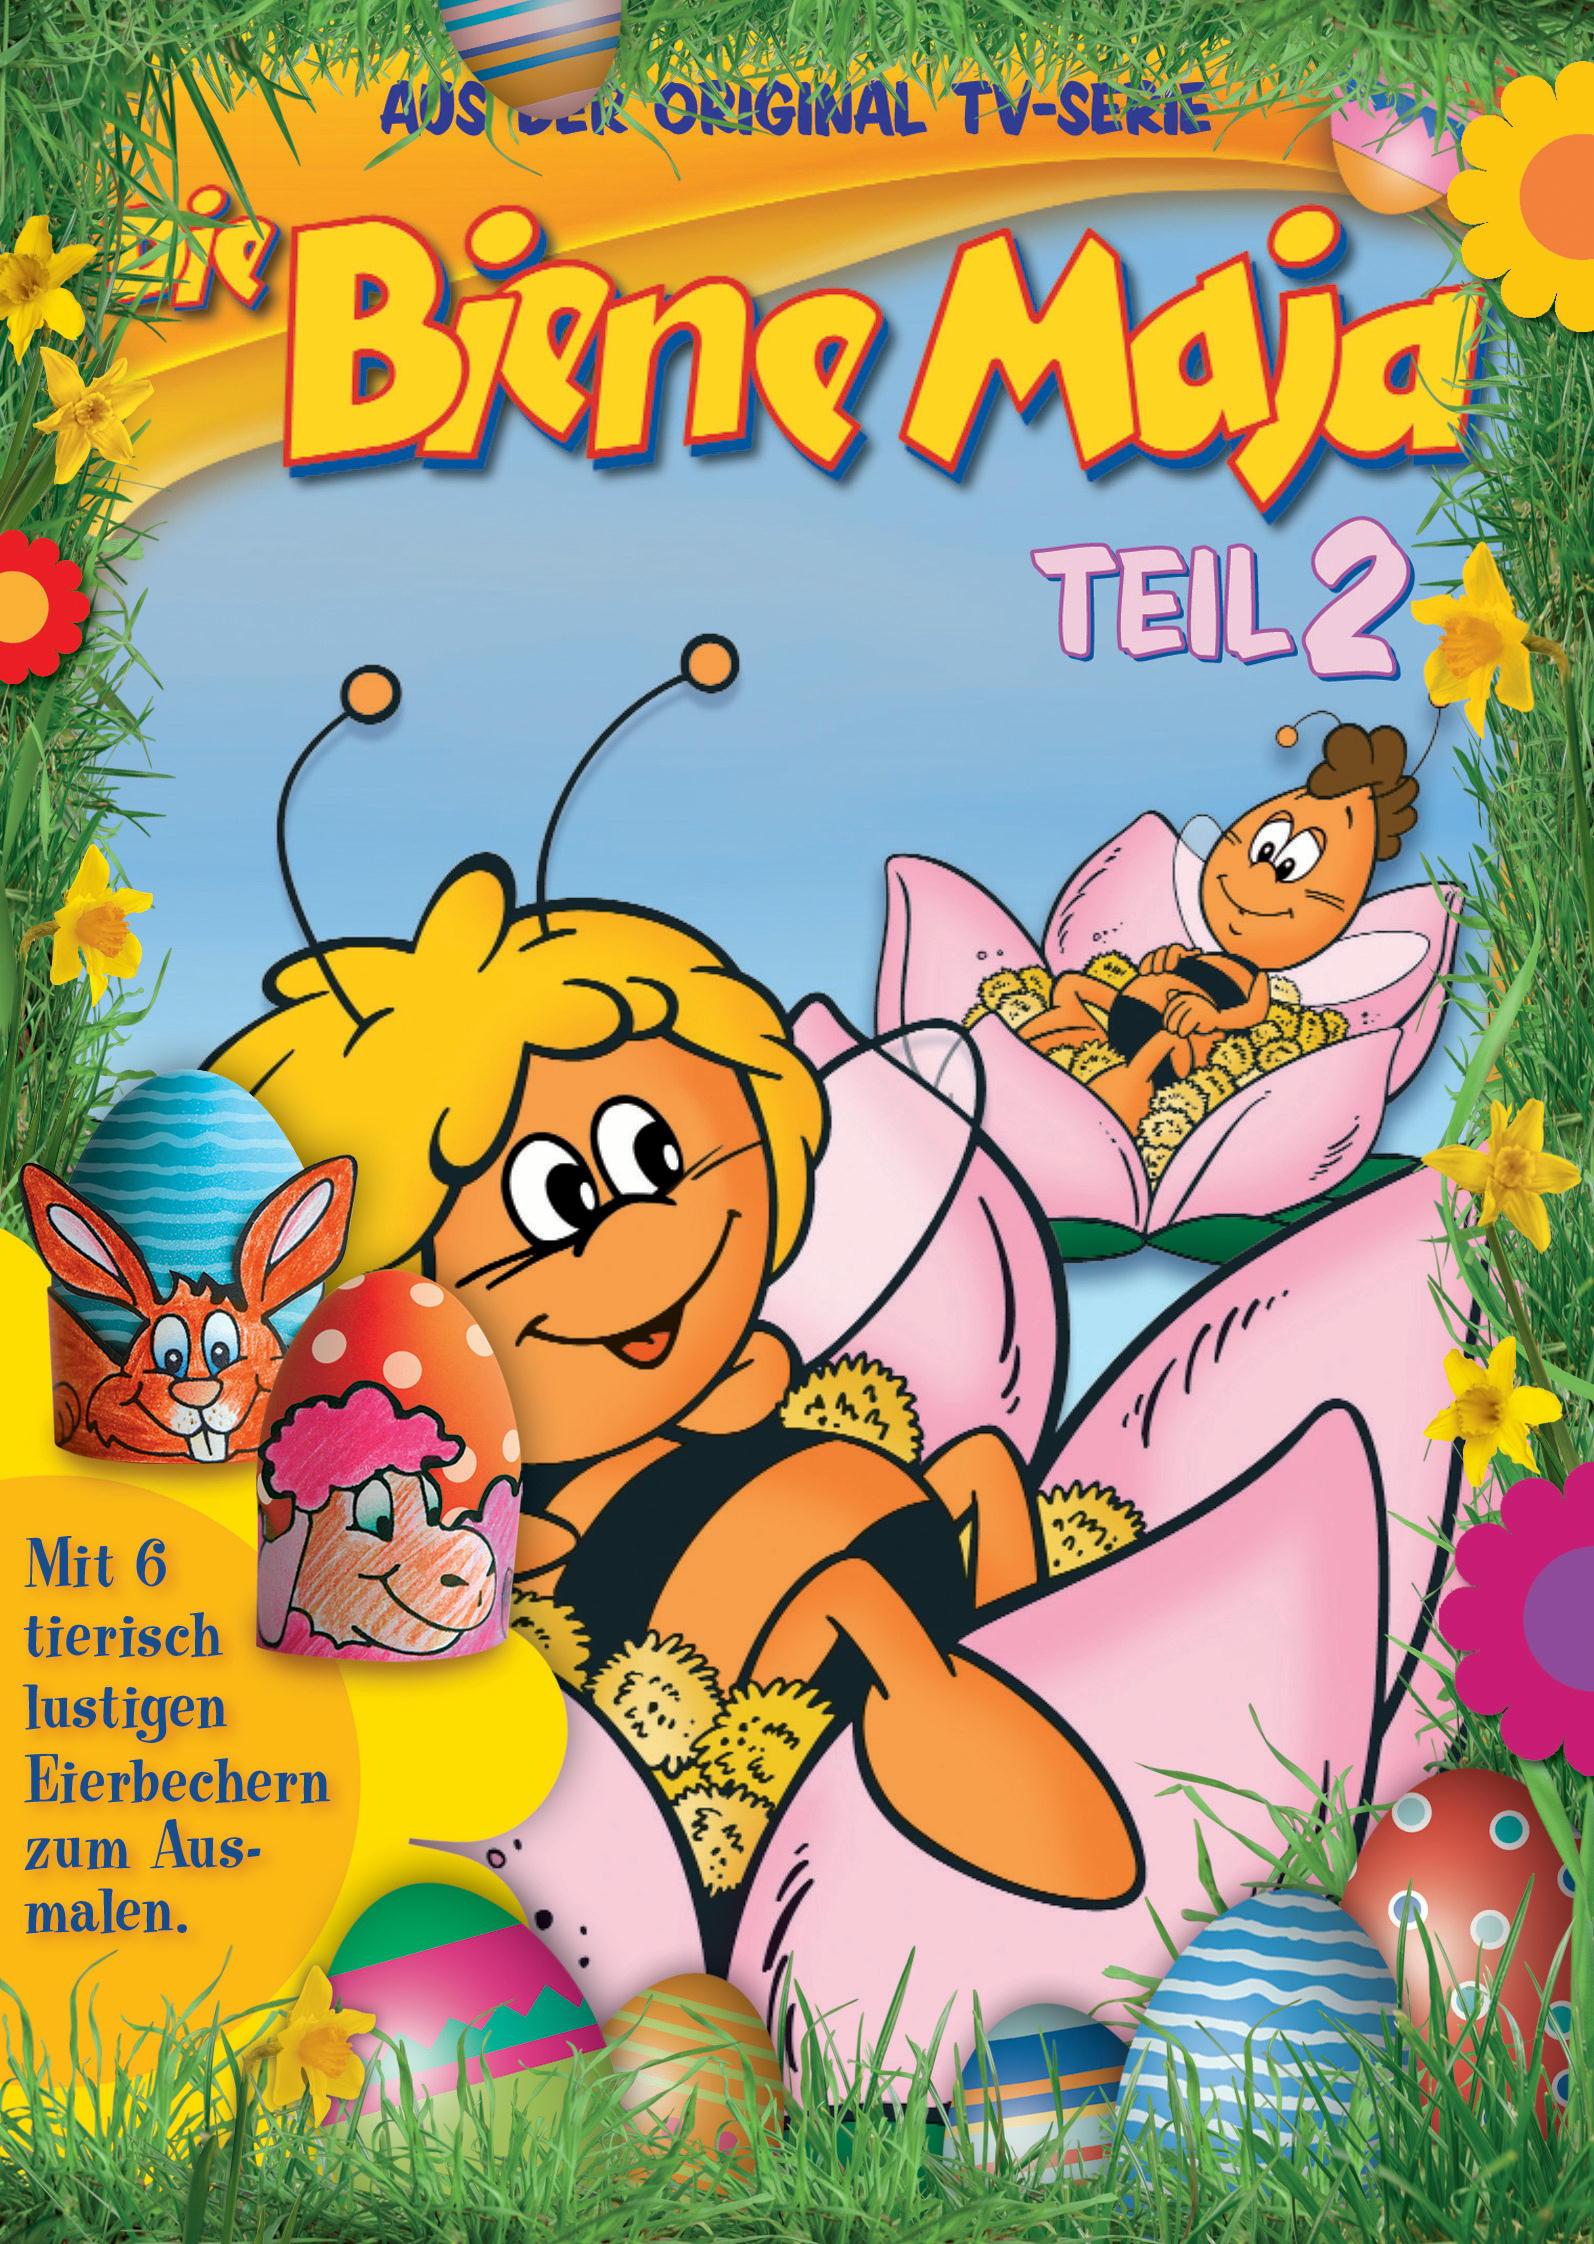 Die Biene Maja - Teil 2 Poster